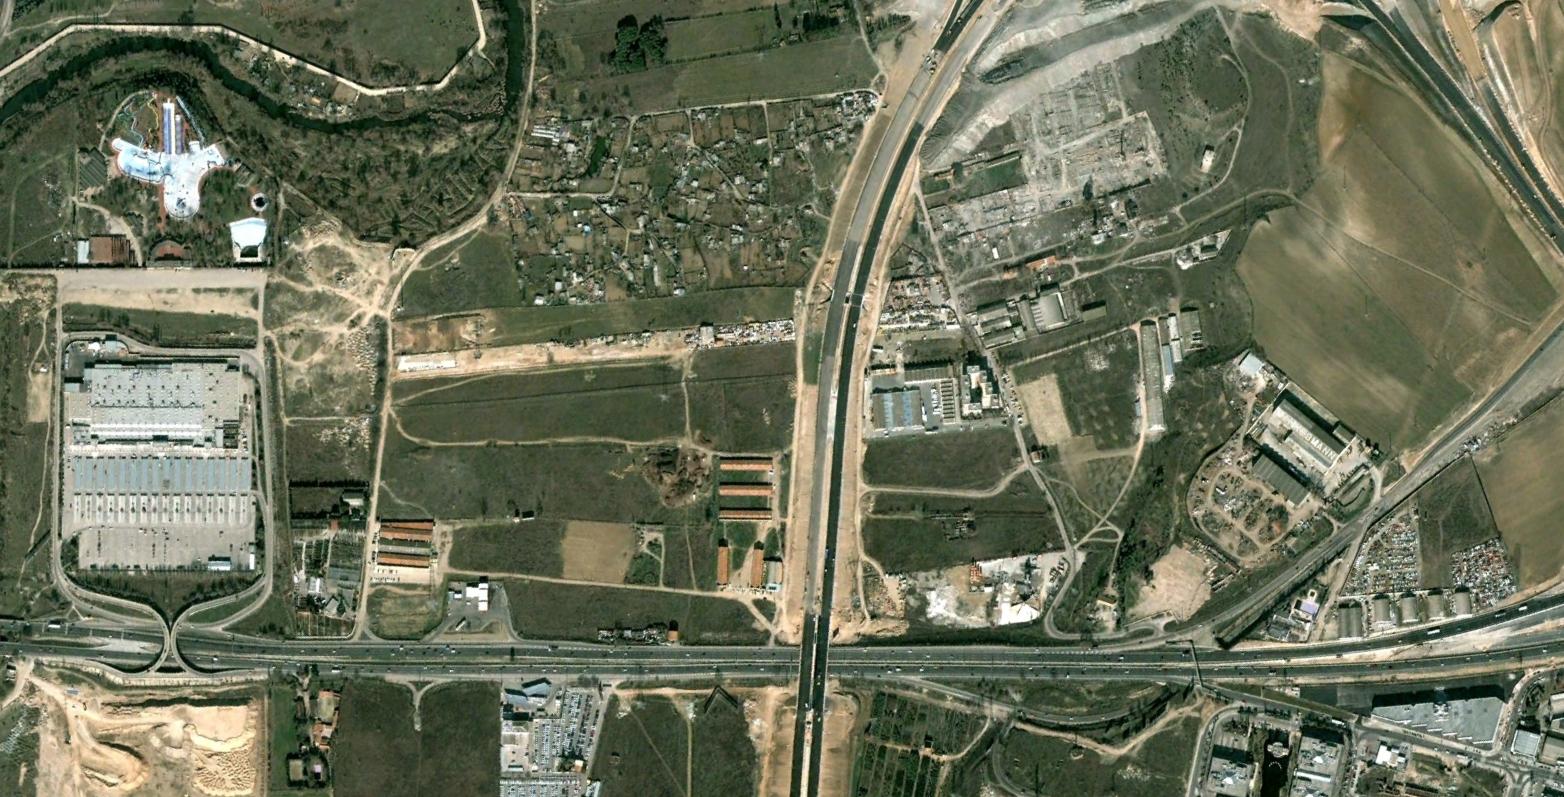 san fernando de henares, madrid, polígonos en el acuapark, antes, urbanismo, planeamiento, urbano, desastre, urbanístico, construcción